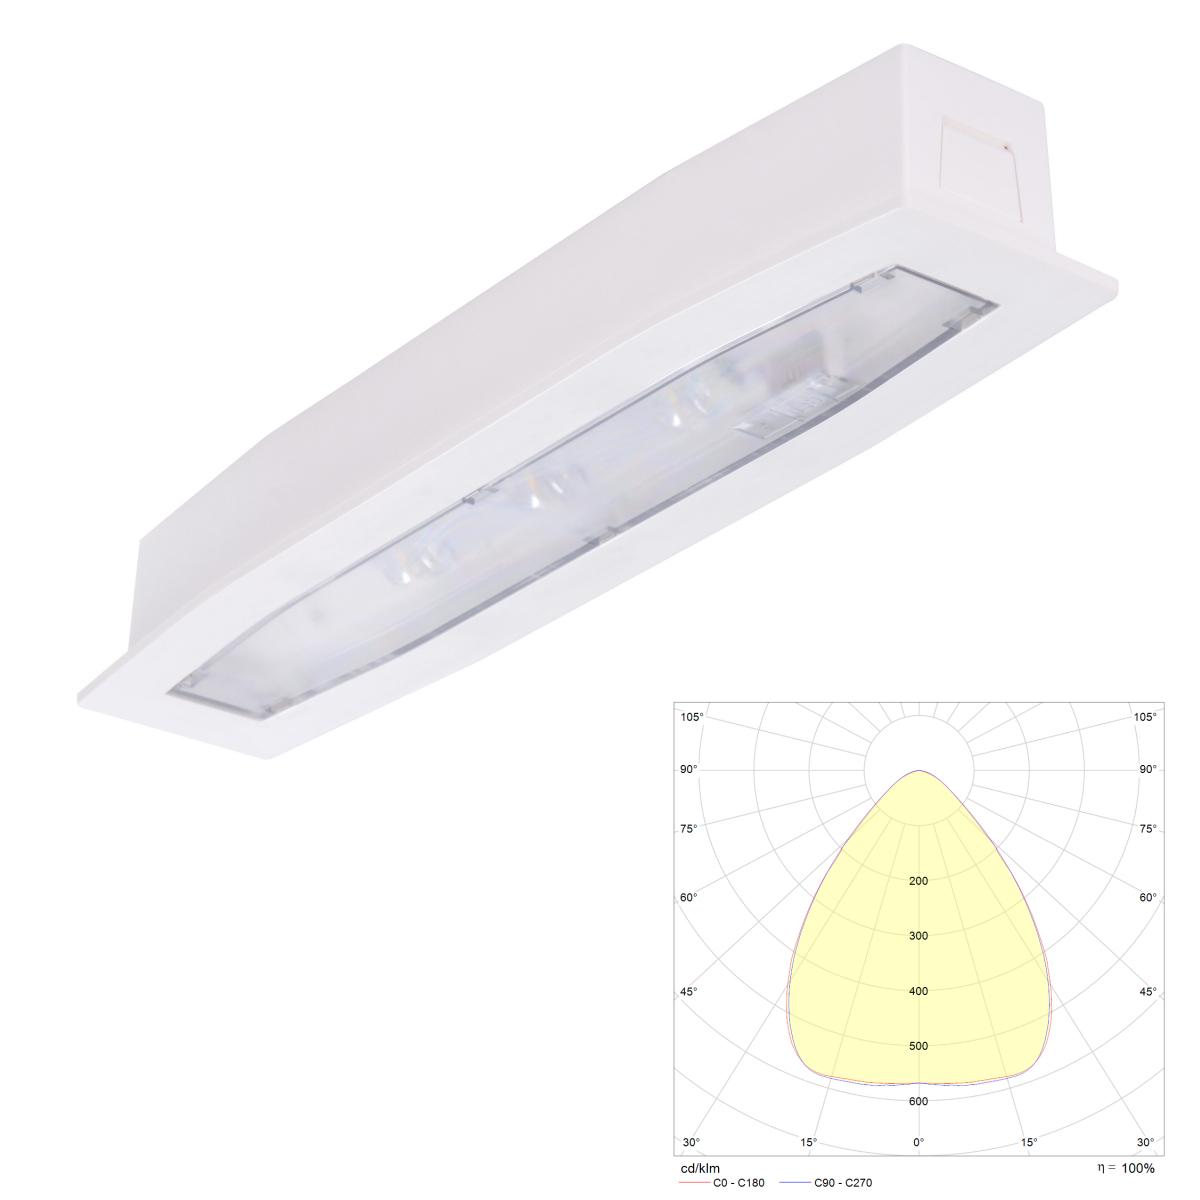 Встраиваемый светильник аварийного освещения Suprema LED SOH PT IP54 Intelight – внешний вид